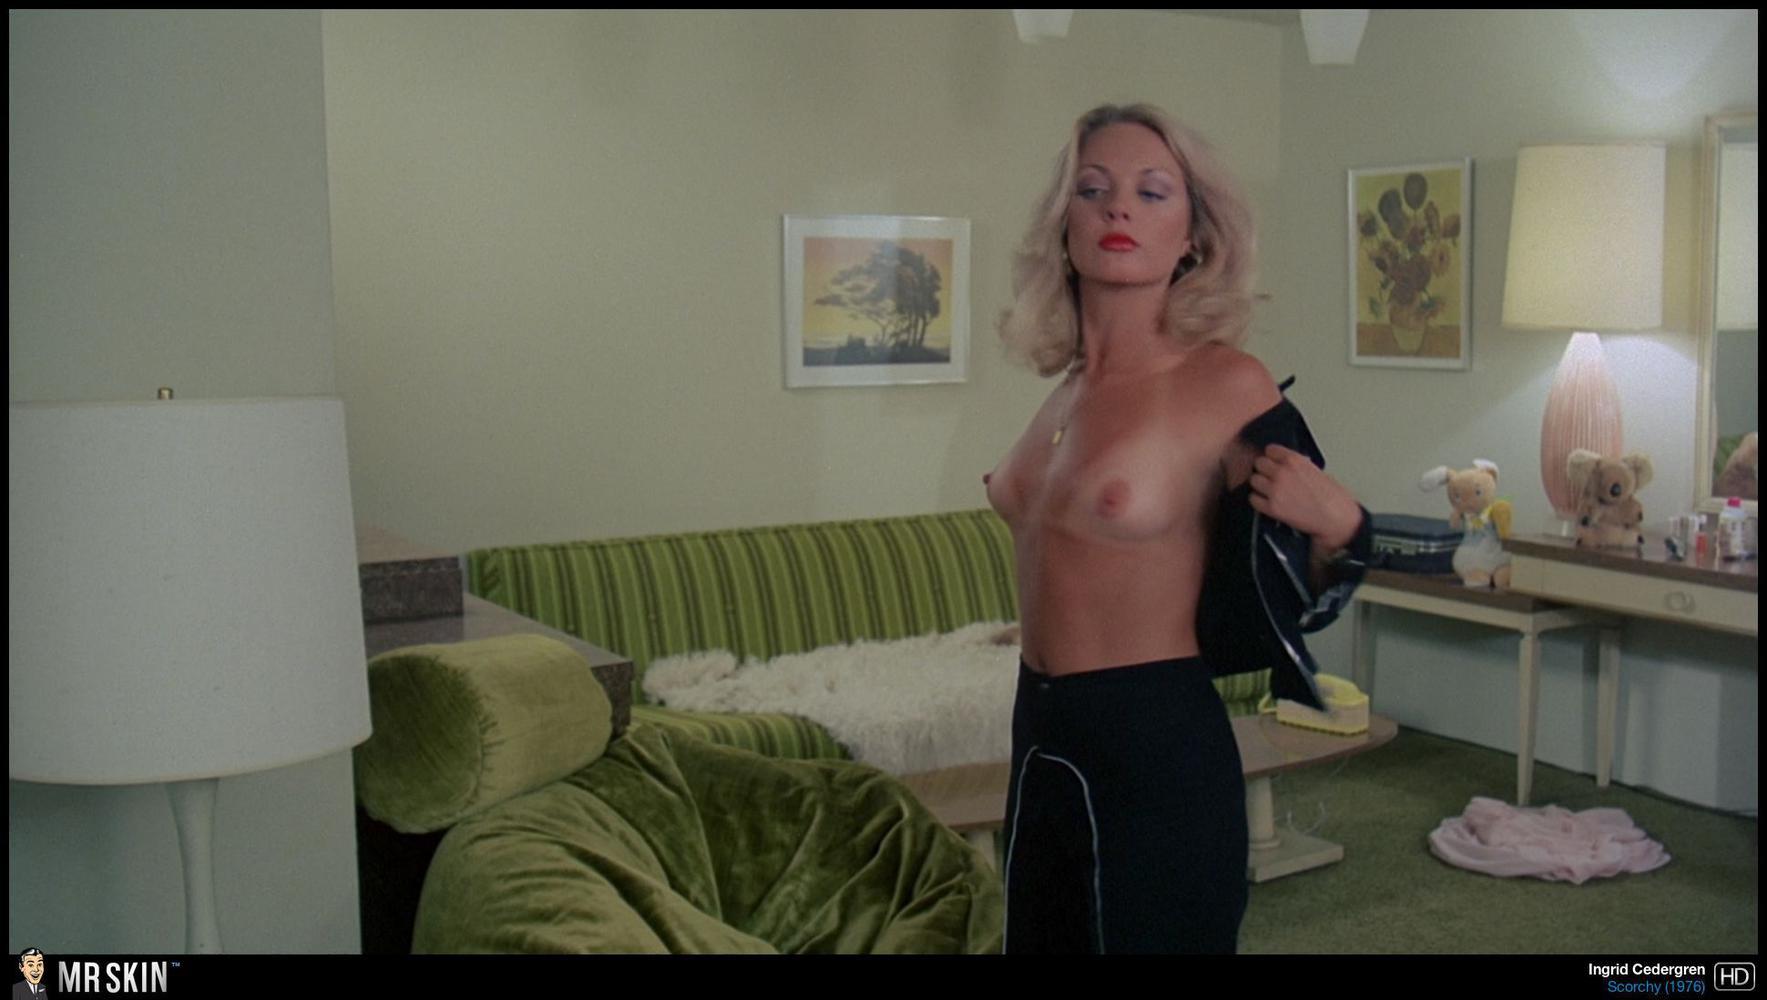 French crazy milf girl anal free sex videos watch XXX